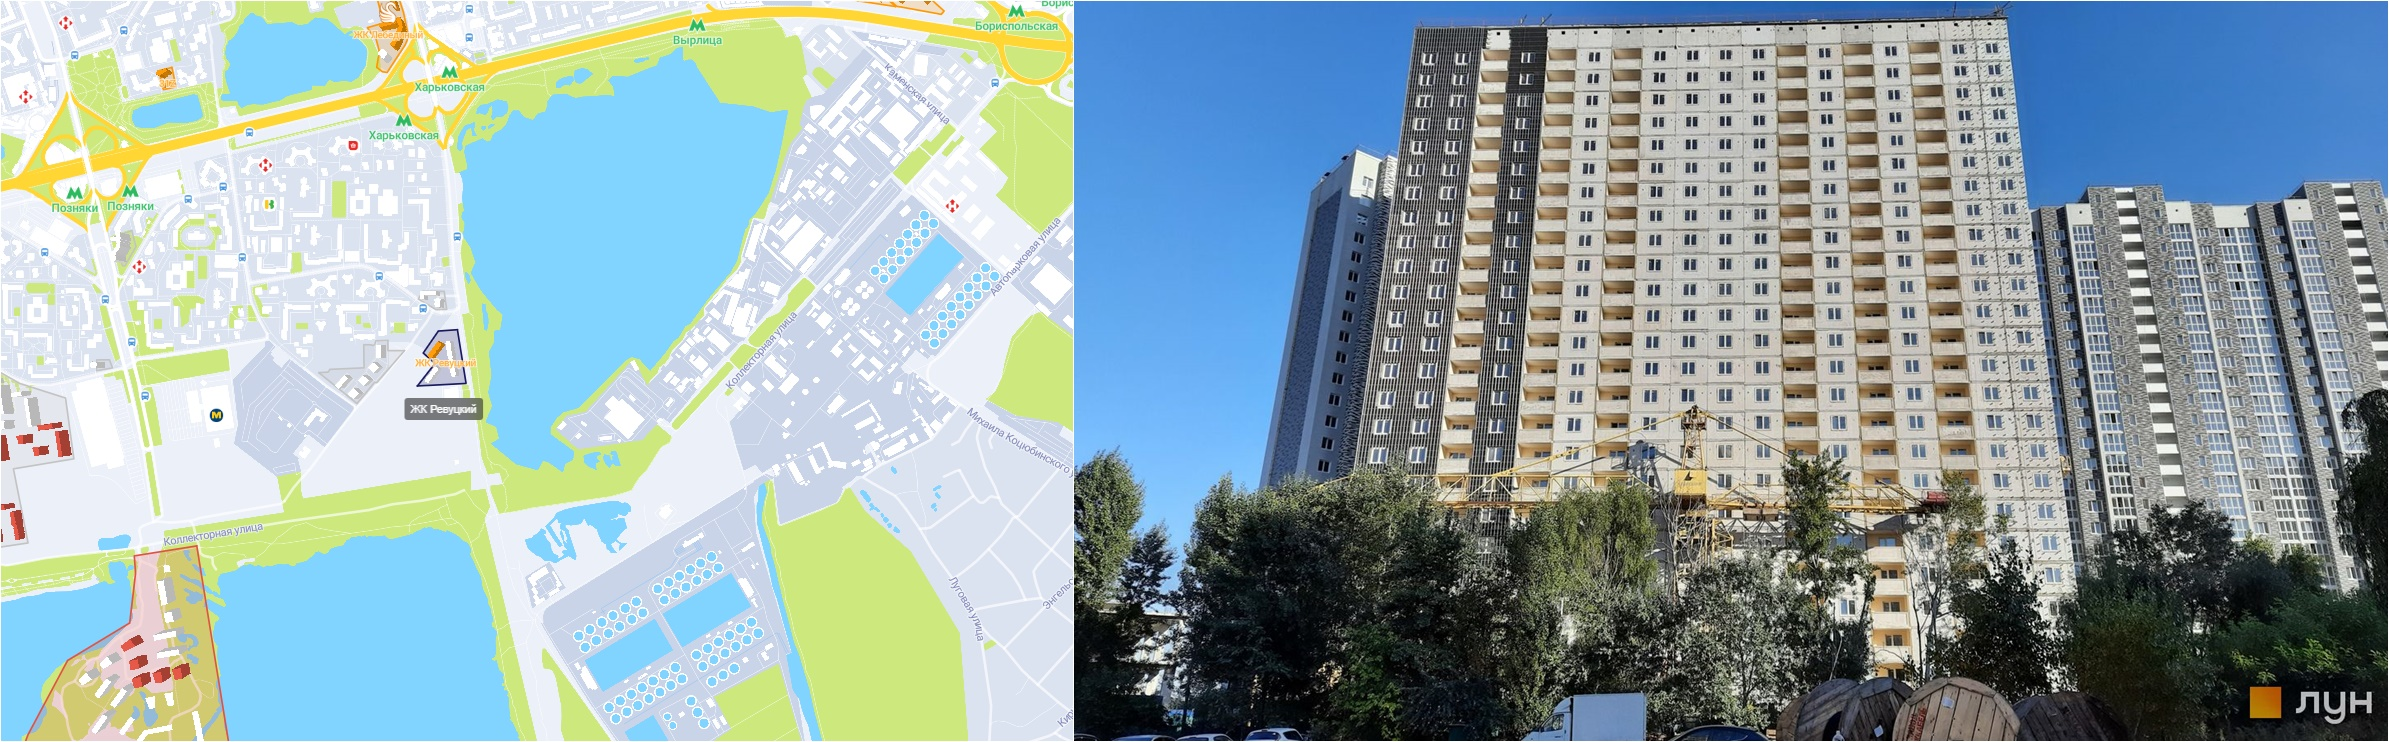 ЖК Ревуцкий на карте и внешний вид построенных домов